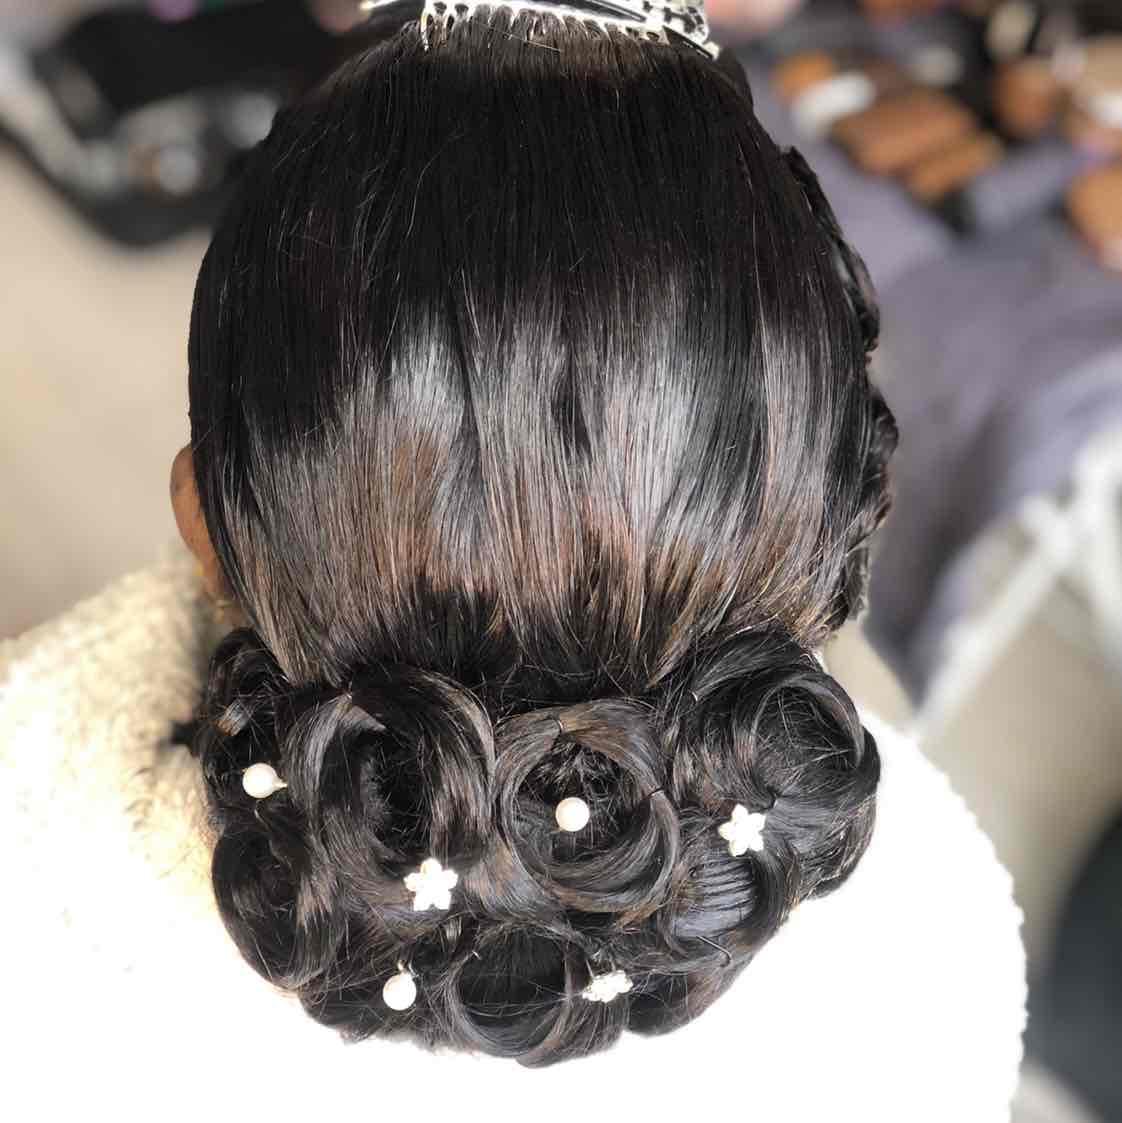 salon de coiffure afro tresse tresses box braids crochet braids vanilles tissages paris 75 77 78 91 92 93 94 95 ESIOGSPG